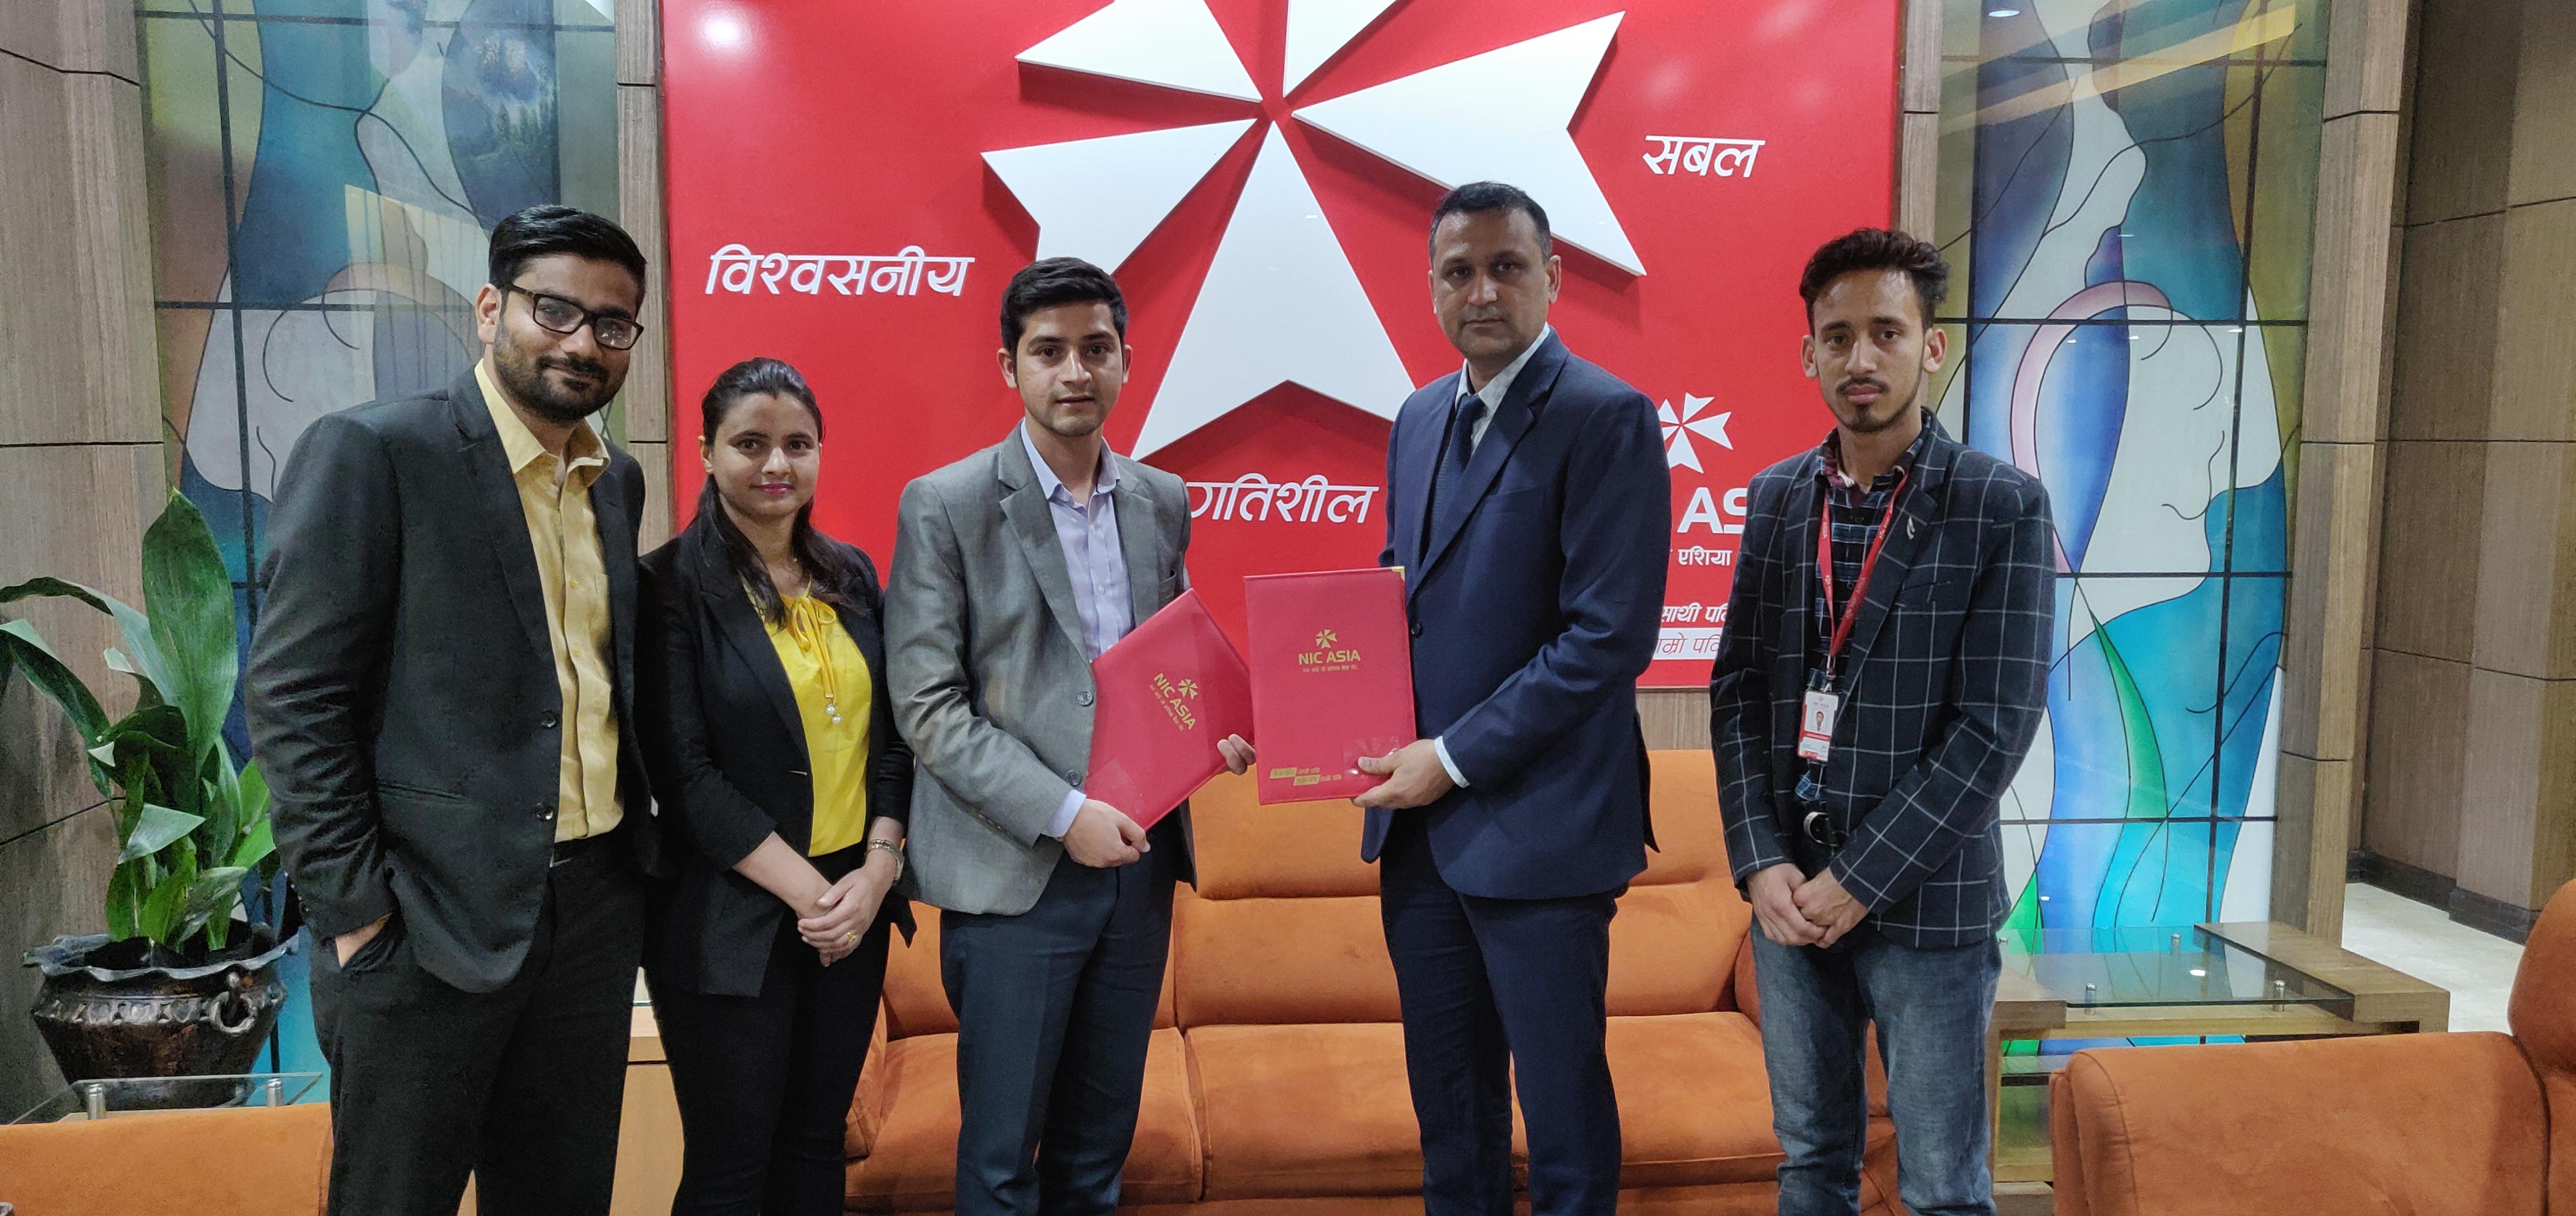 एनआईसी एशिया बैंक र भेनस हस्पिटलबीच सम्झौता